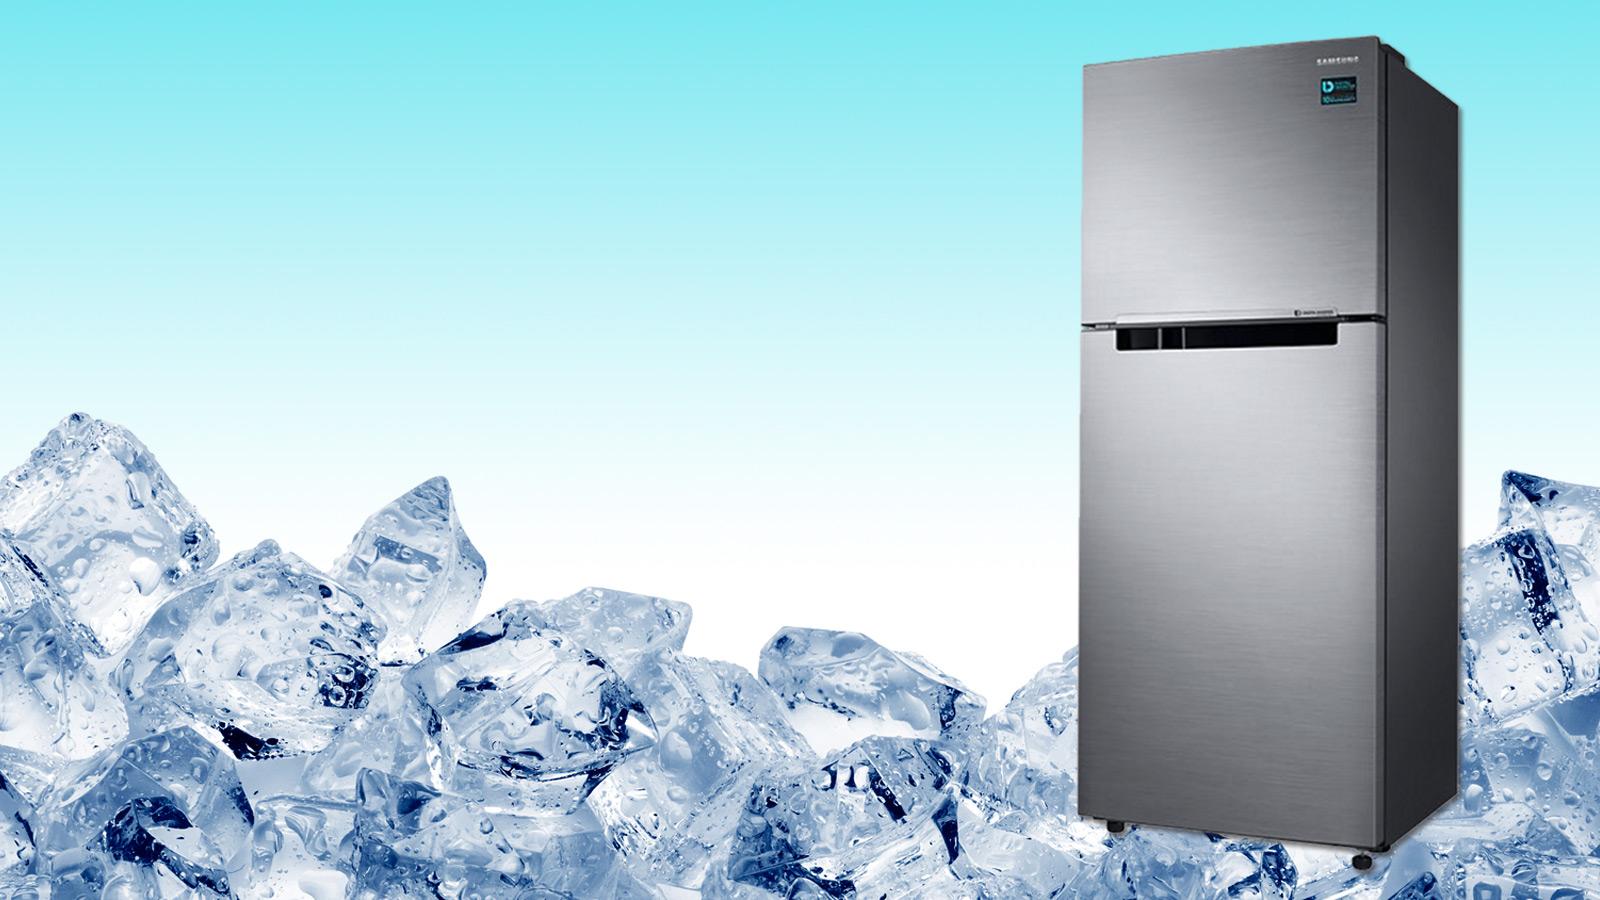 Os frigoríficos Samsung Smart Conversion possuem cinco modos de funcionamento diferentes, alguns dos quais permitem desligar um dos compartimentos ou transferir funções do congelador para o frigorífico.